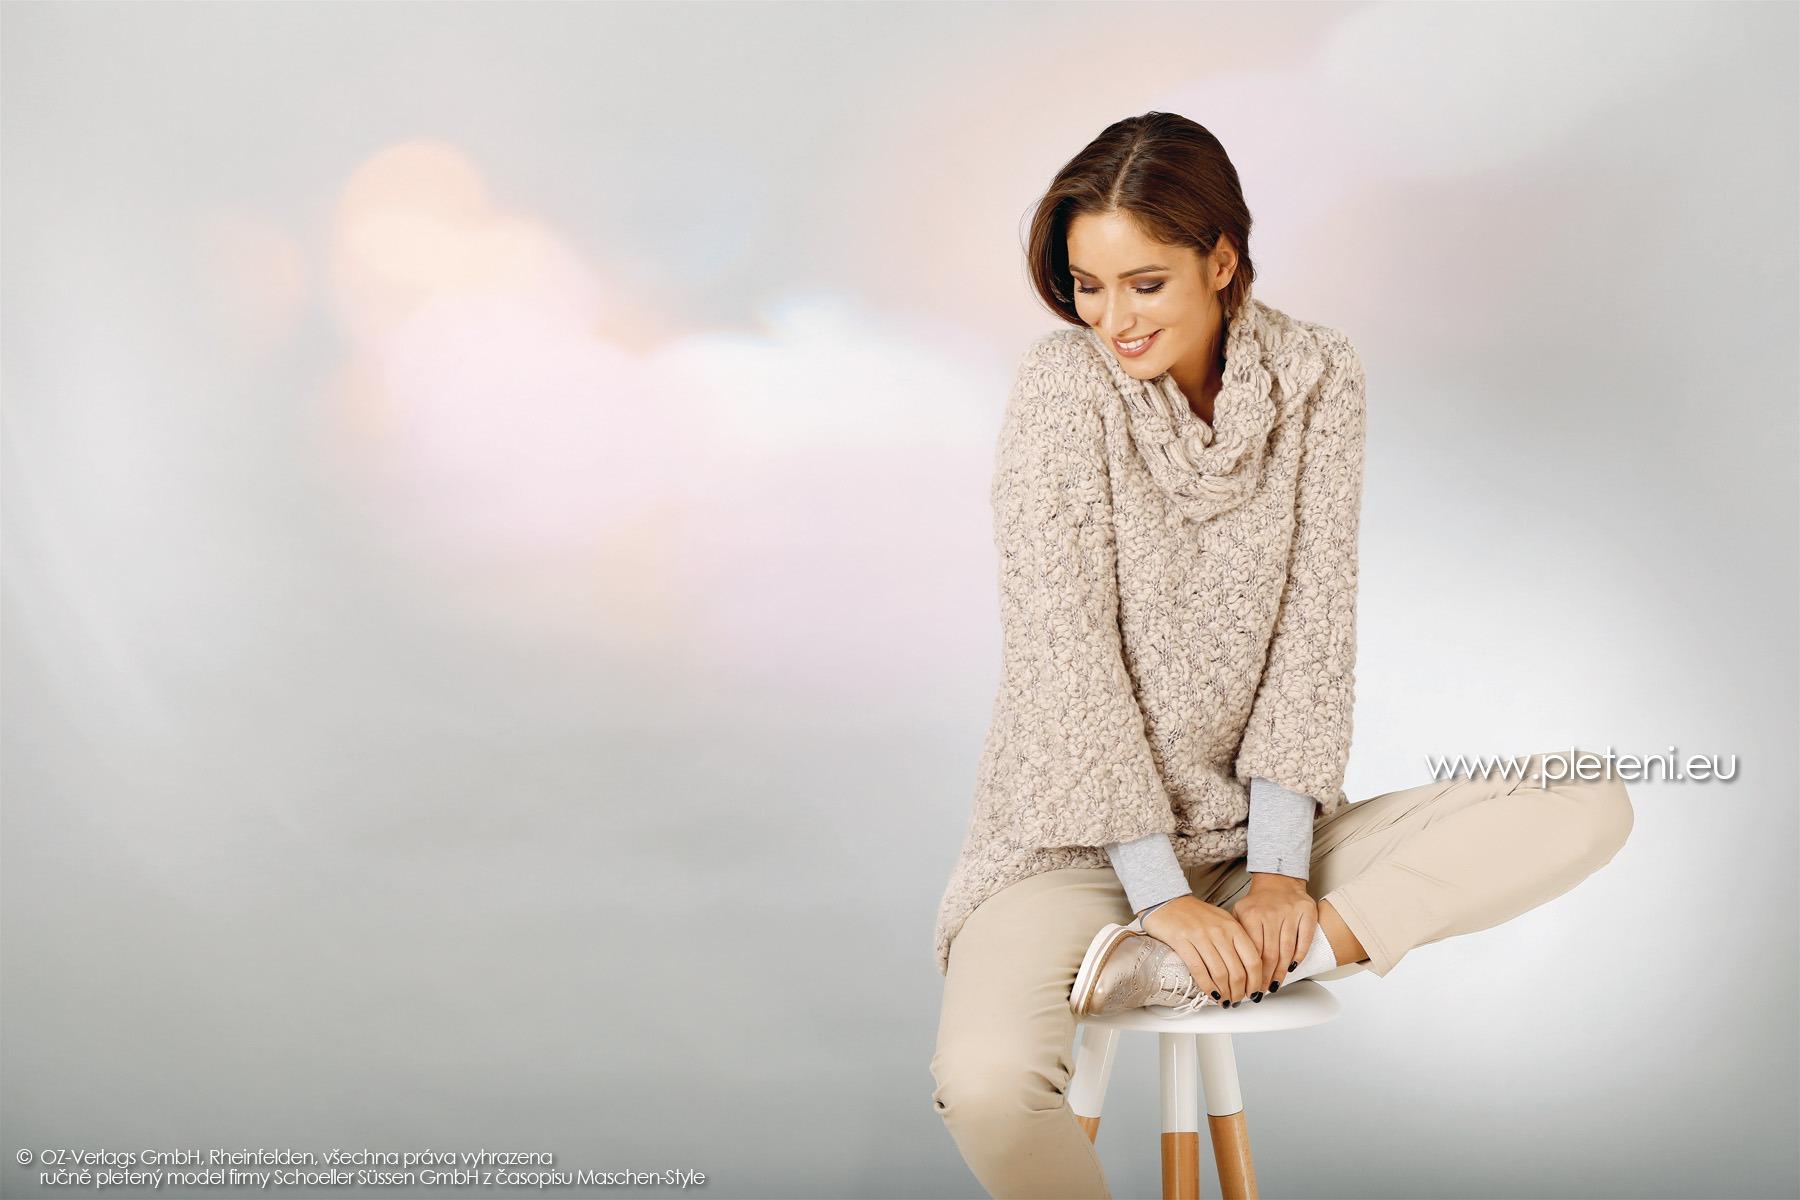 2018-Z-09 dámský pletený svetr a nákrčník z příze Big Flame firmy Schoeller